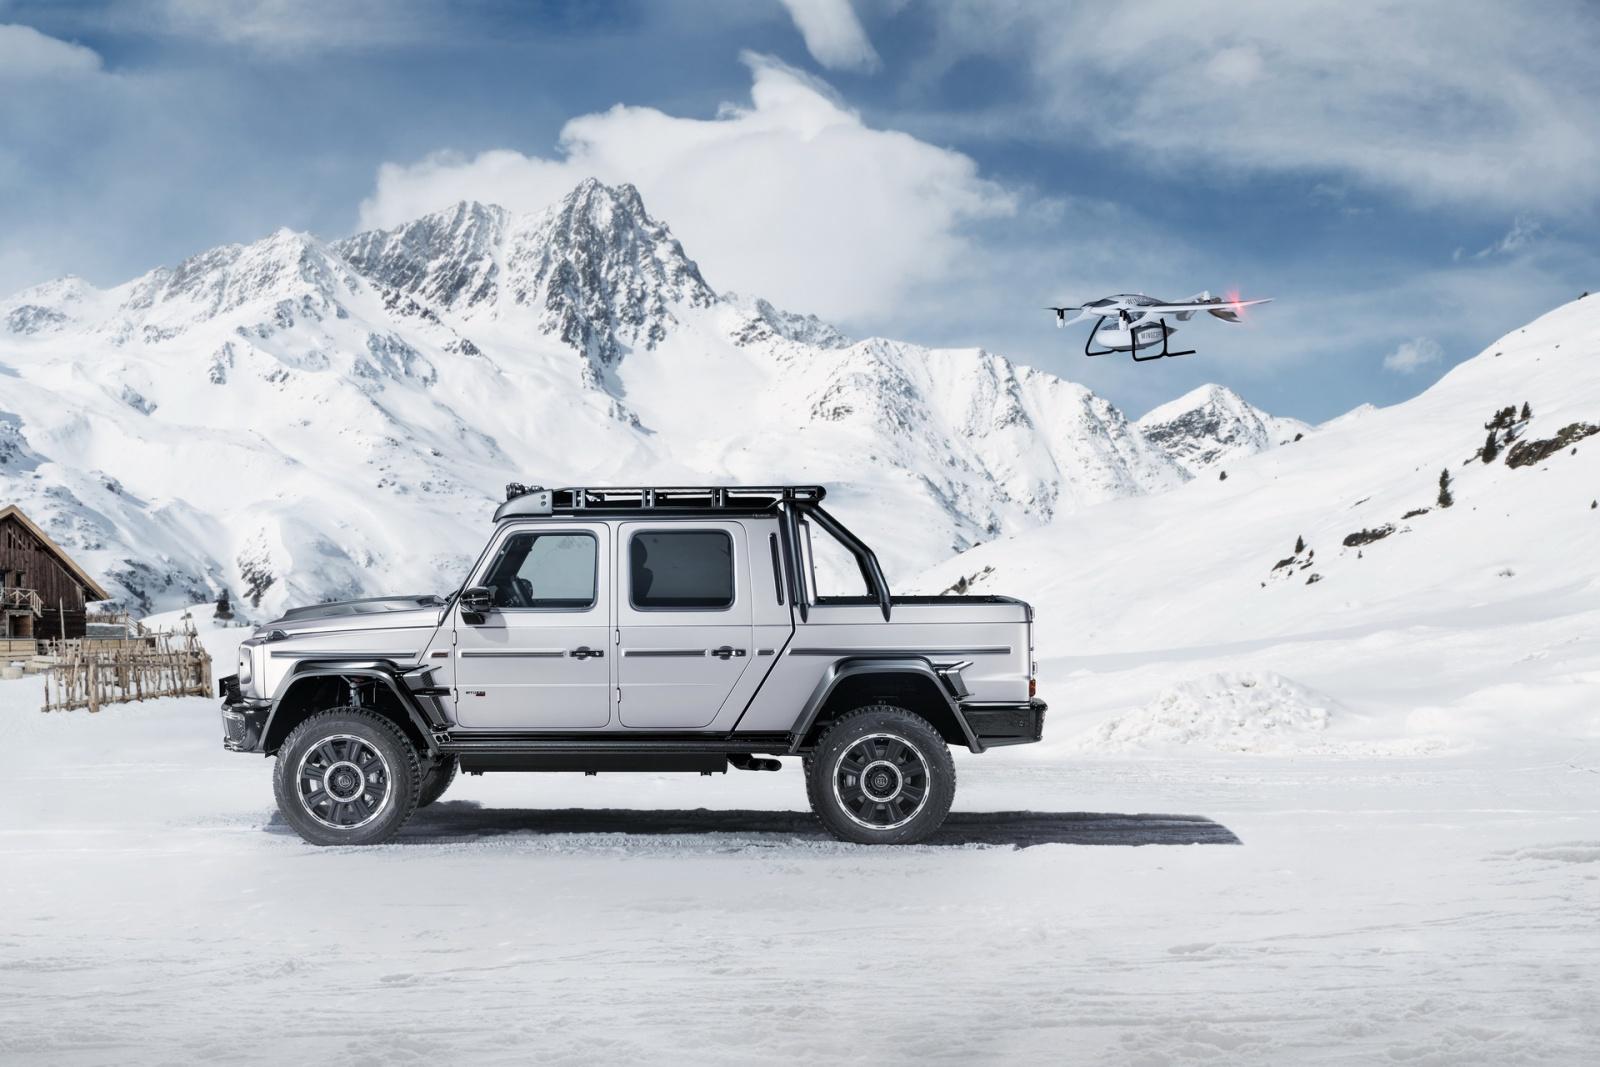 Название: Brabus-800-Adventure-XLP-03.jpg Просмотров: 628  Размер: 411.0 Кб